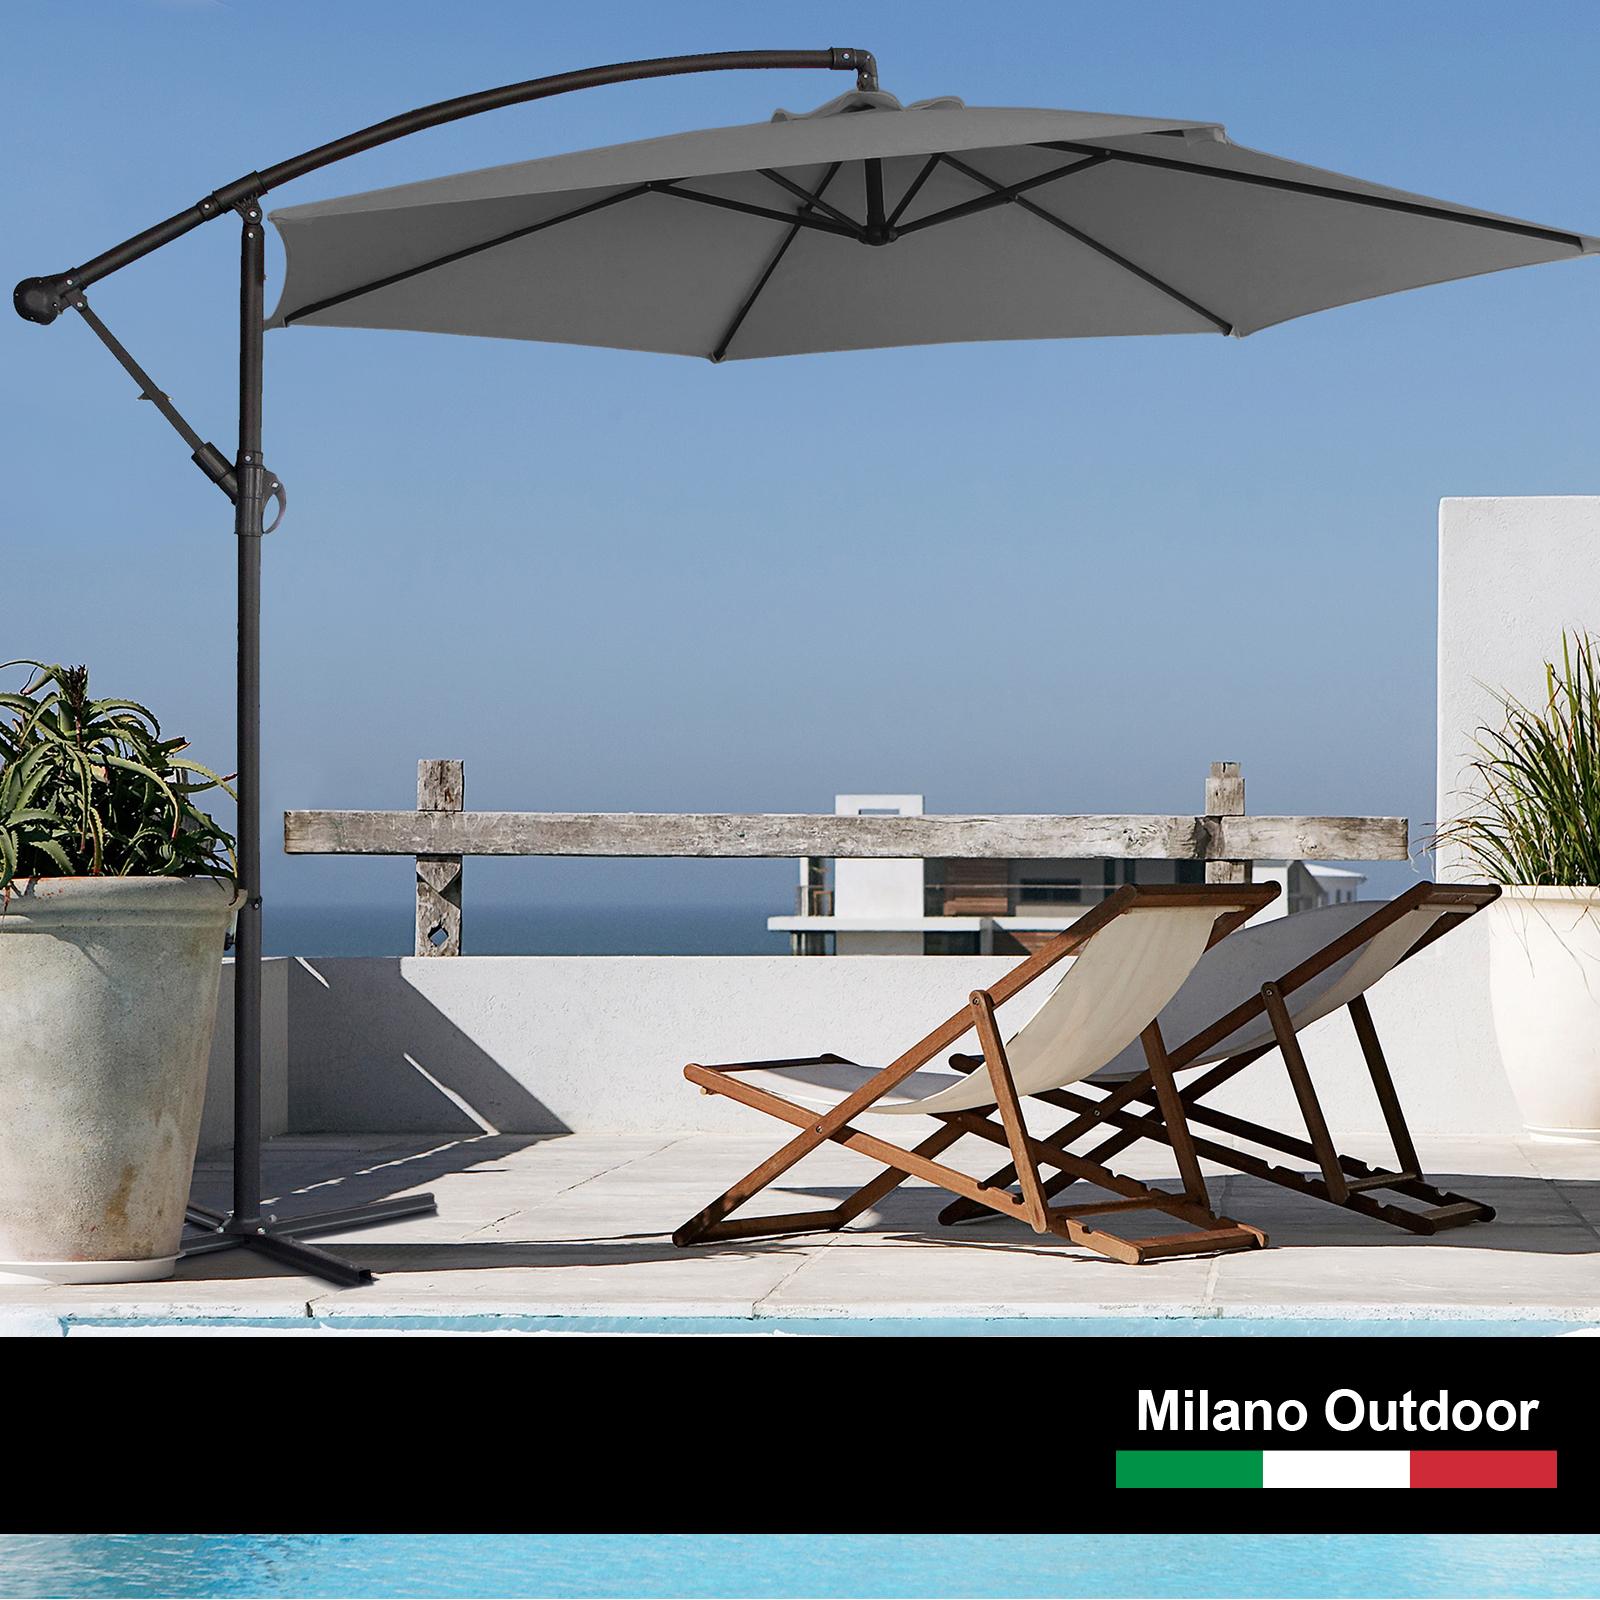 thumbnail 49 - Milano Outdoor 3 Metre Cantilever Umbrella UV Sunshade Garden Patio Deck